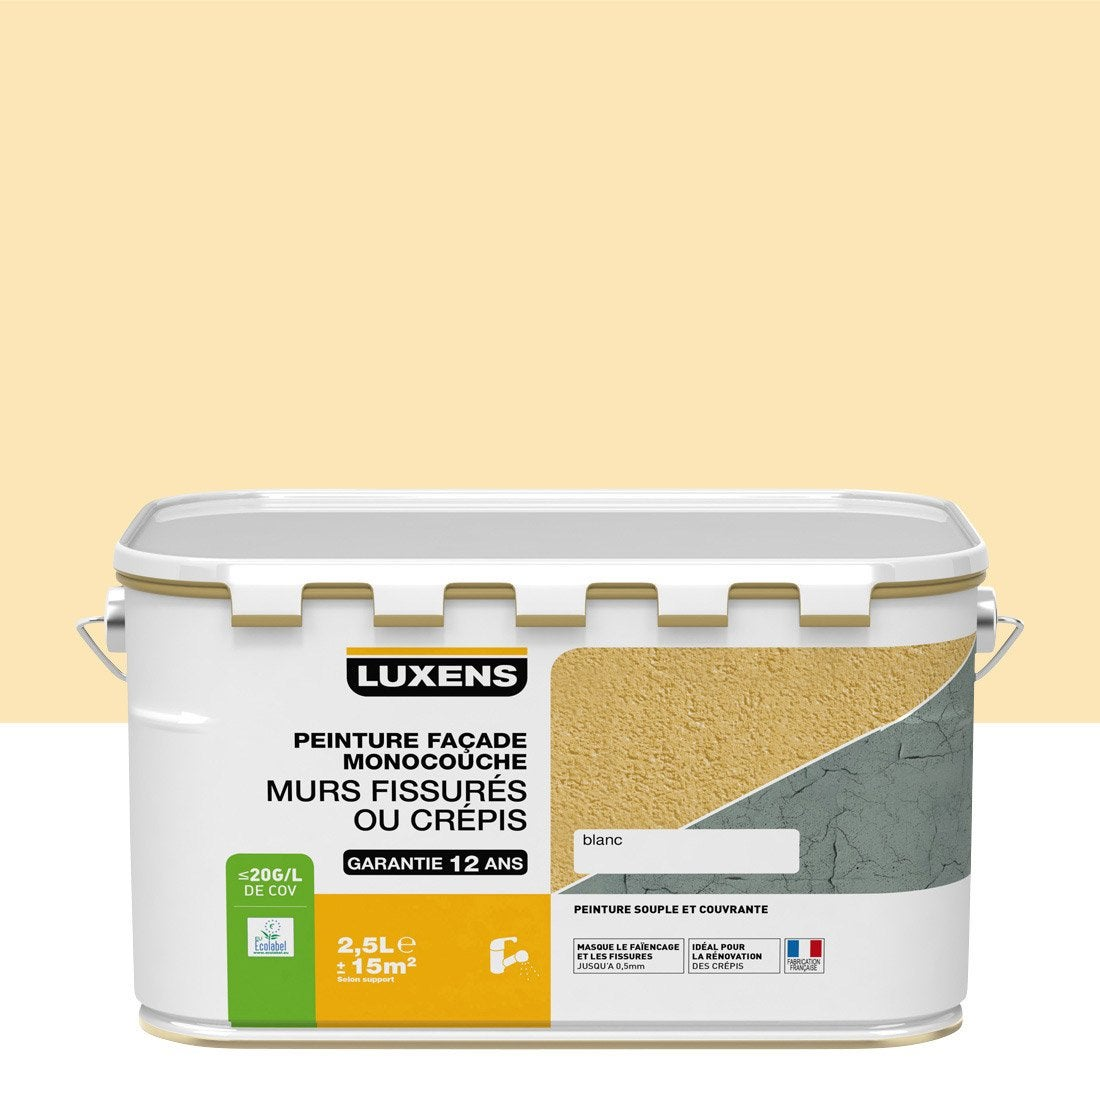 Peinture fa ade murs fissur s luxens pierre 2 5 l for Peinture facade couleur